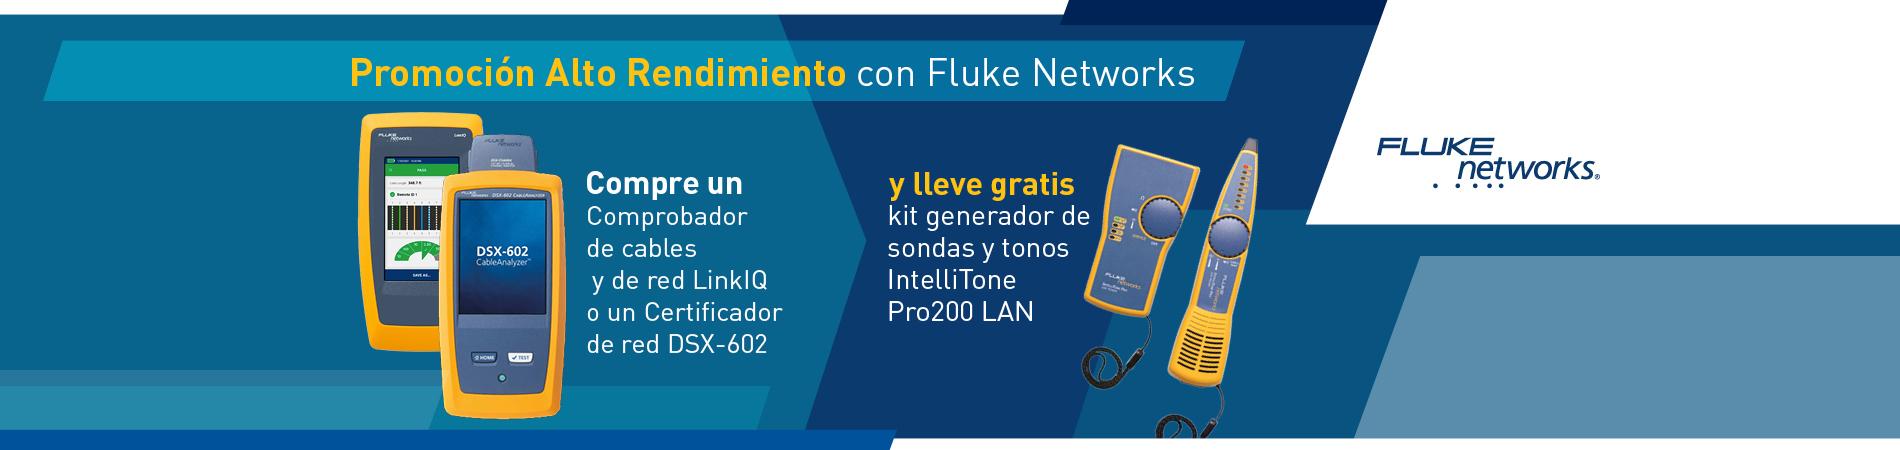 Promoción LinkIQ y DSX-602 Fluke Networks